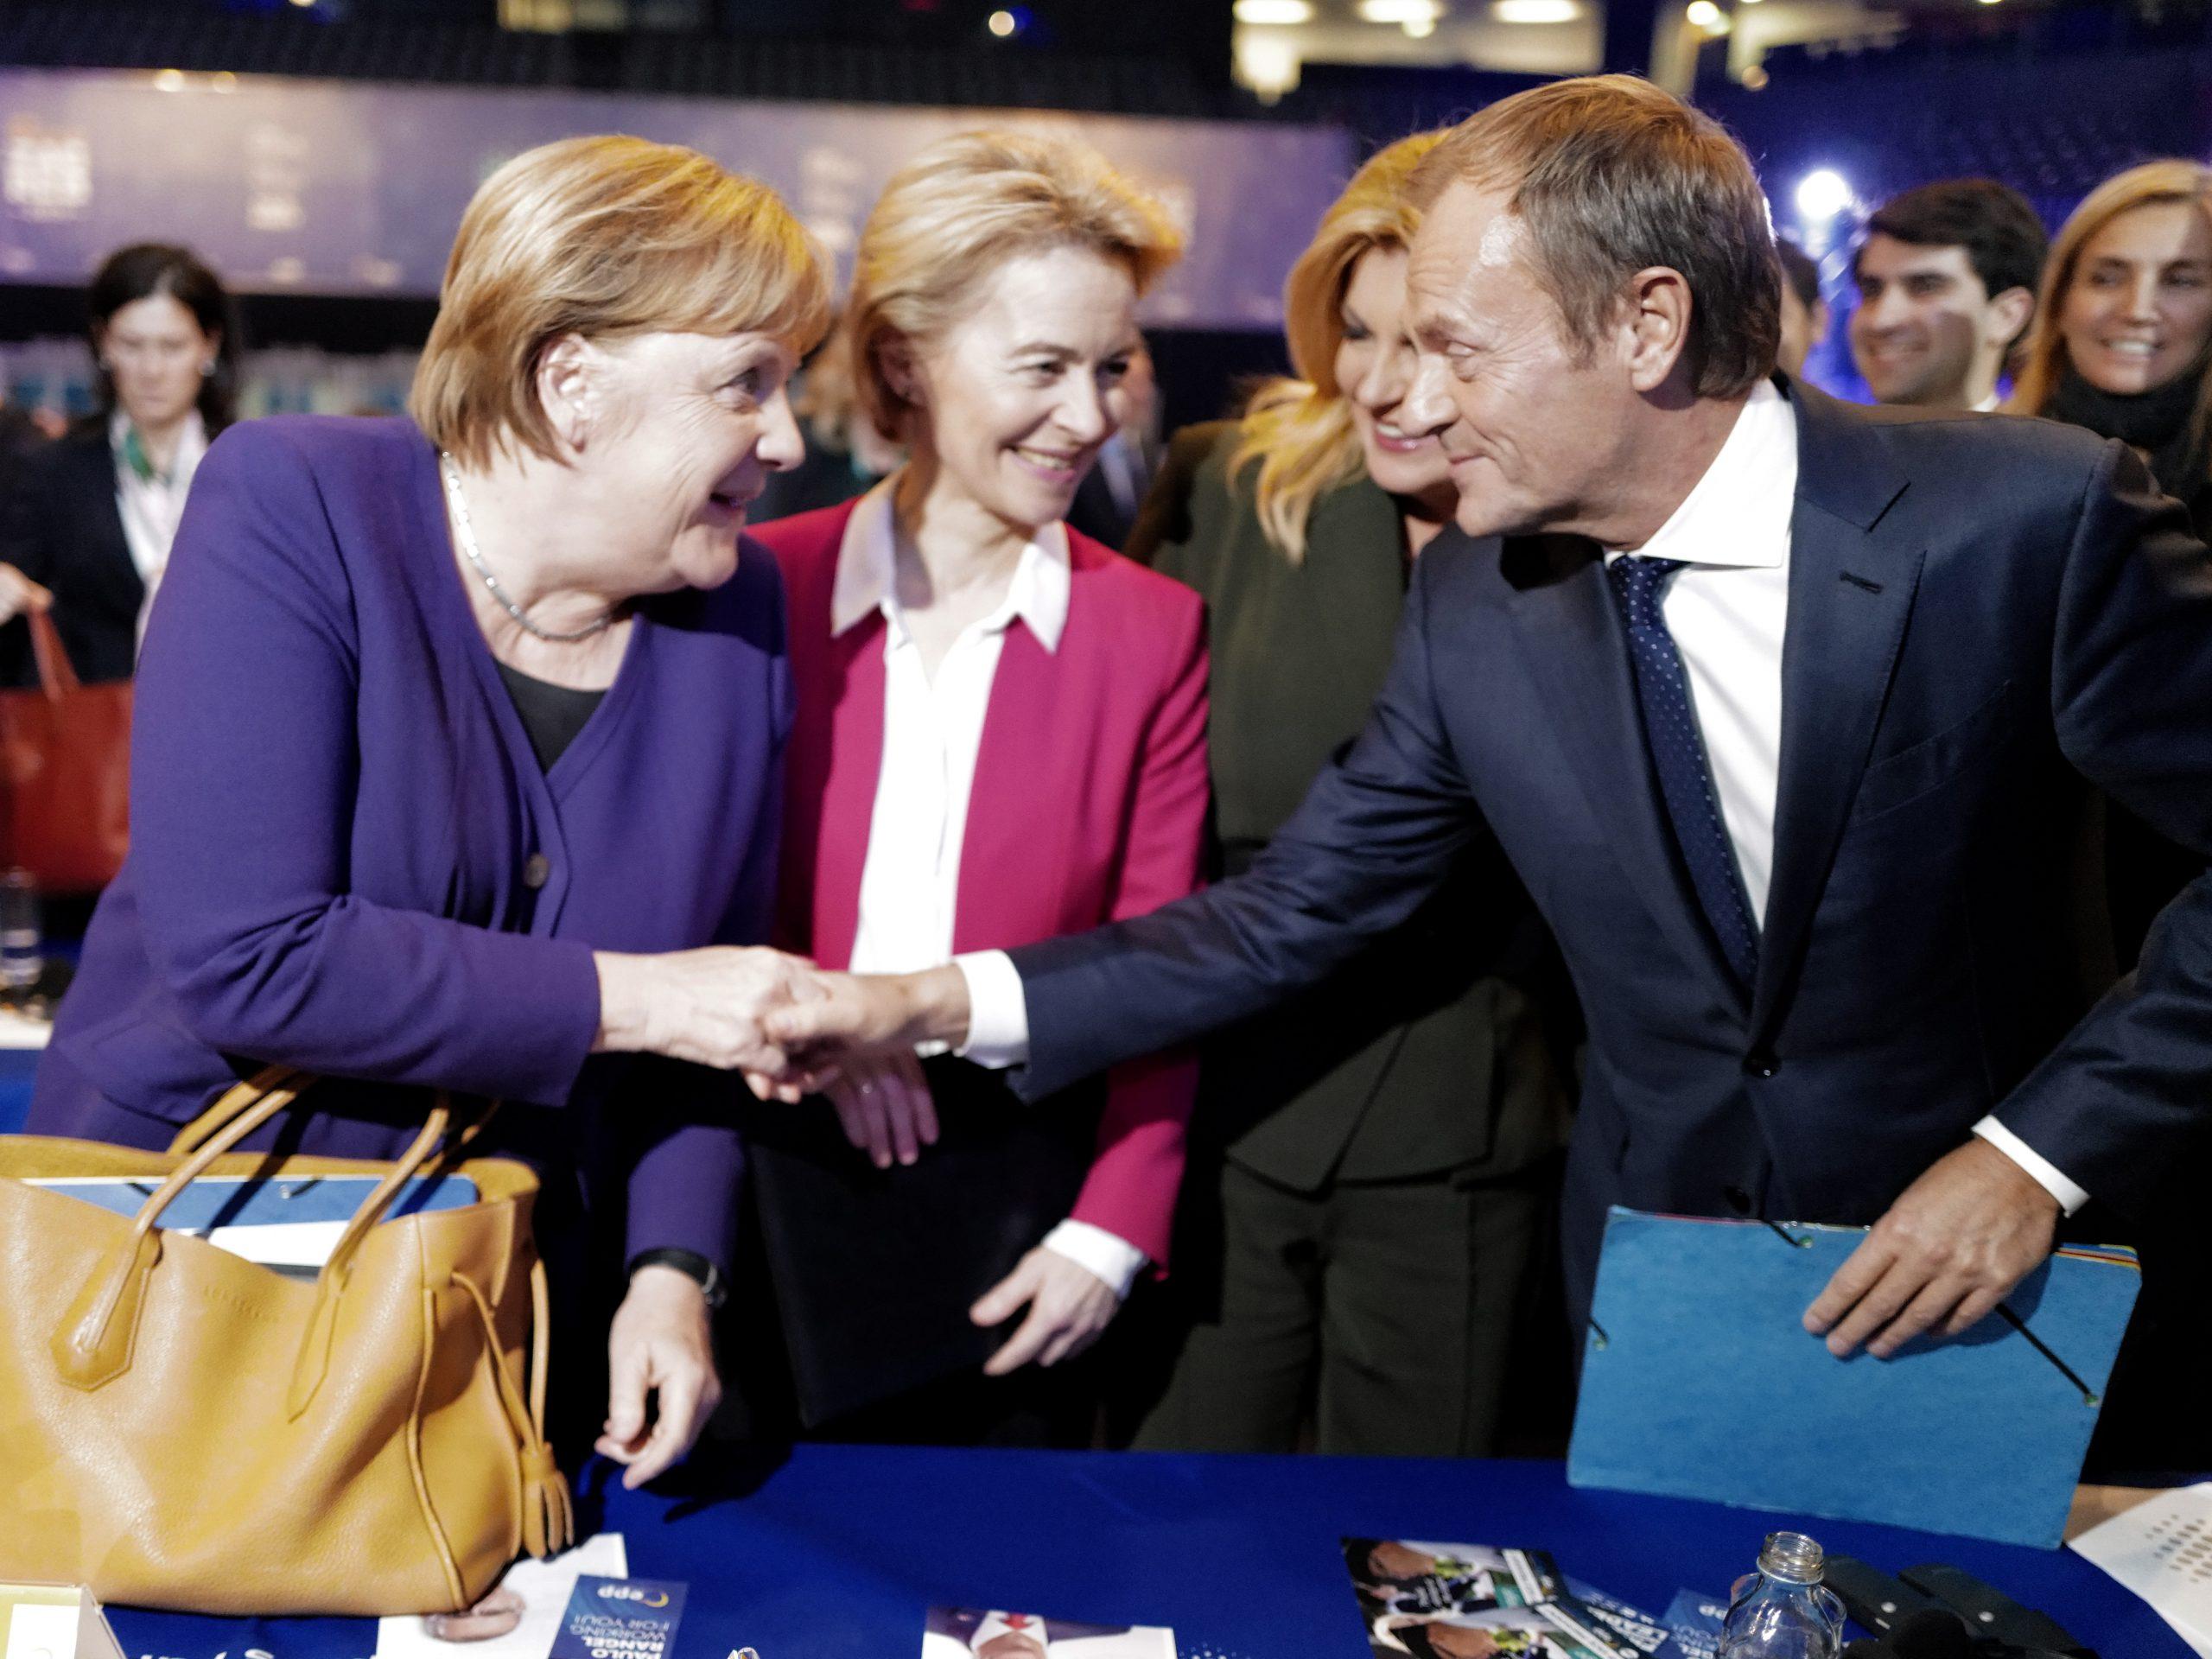 Angela Merkel német kancellár (b) gratulál Donald Tusknak, az Európai Tanács leköszönõ elnökének (j), miután megválasztották az Európai Néppárt új elnökének. A háttérben von Leyen / Fotó: MTI/EPA